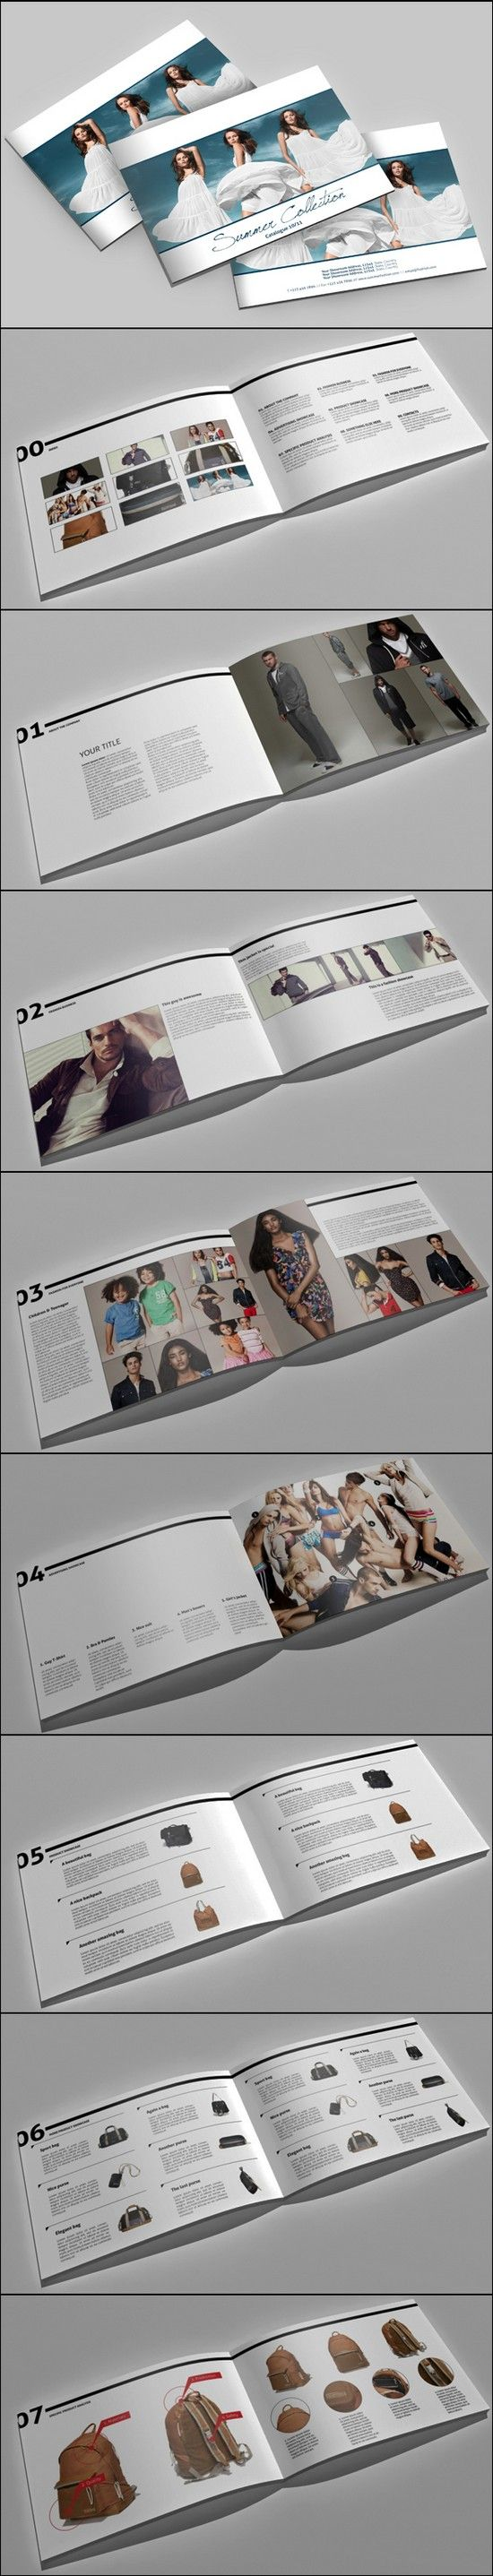 brochures-design-12.jpg 550×2,875 pixels